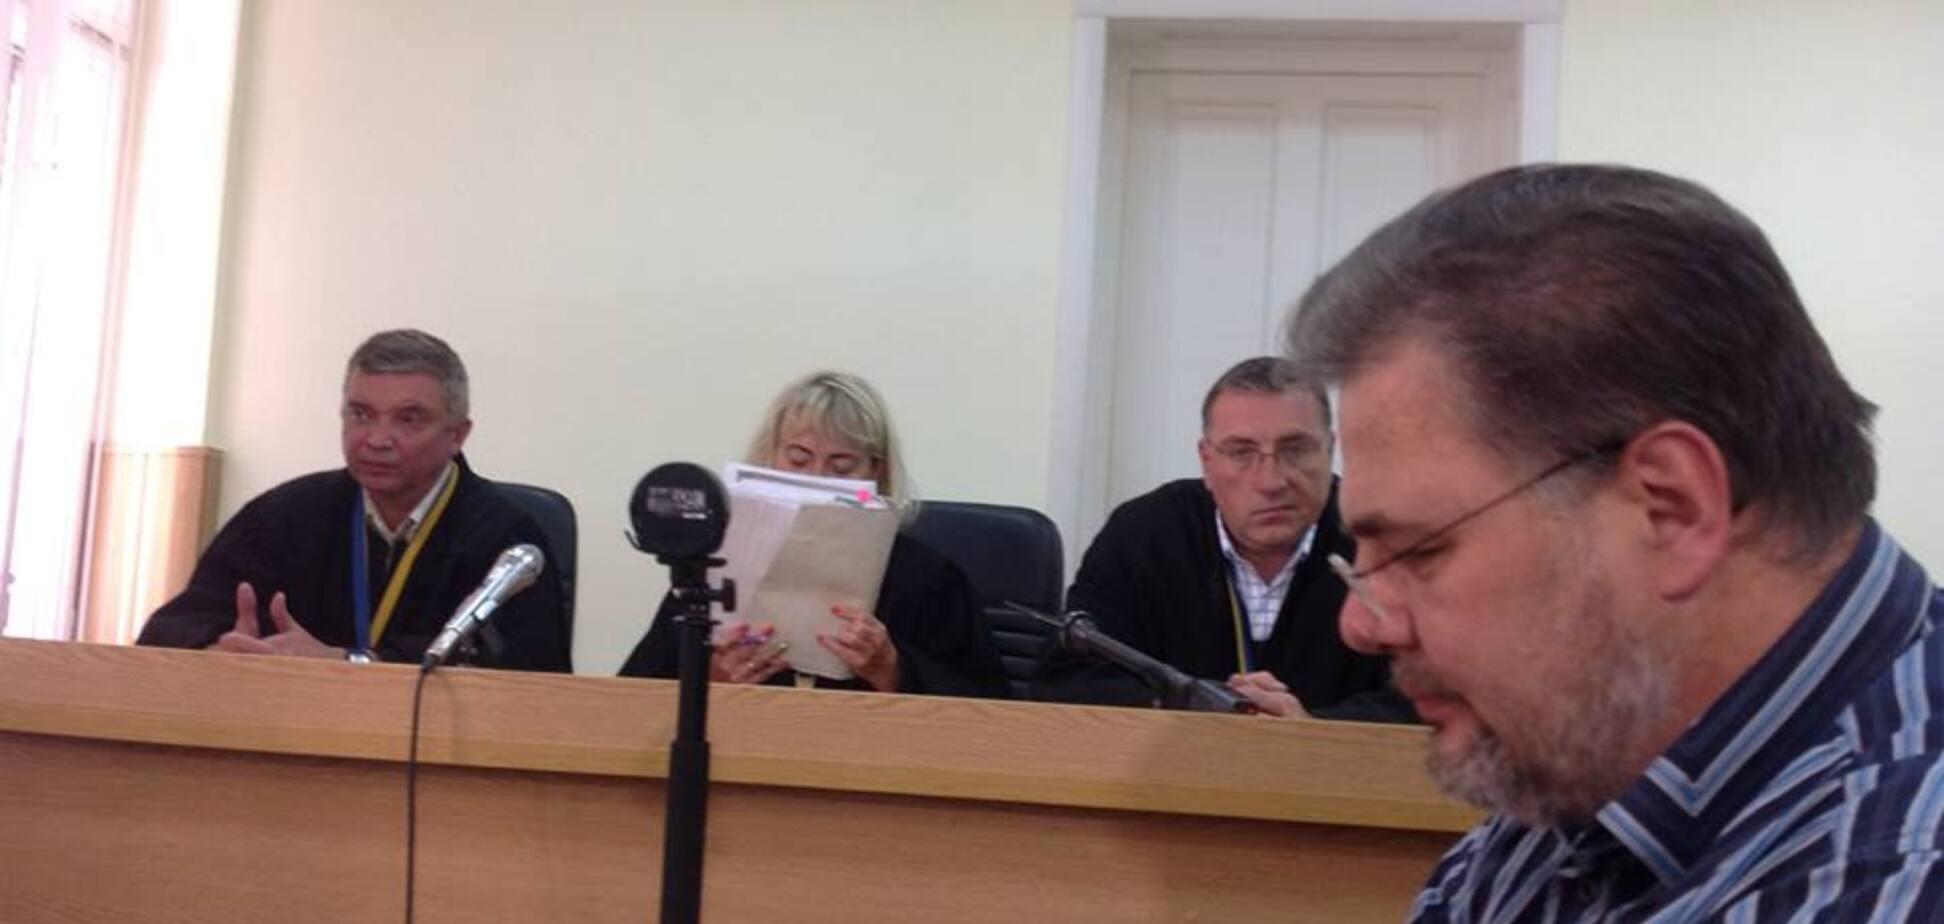 Суд виправдав скандального журналіста Коцабу